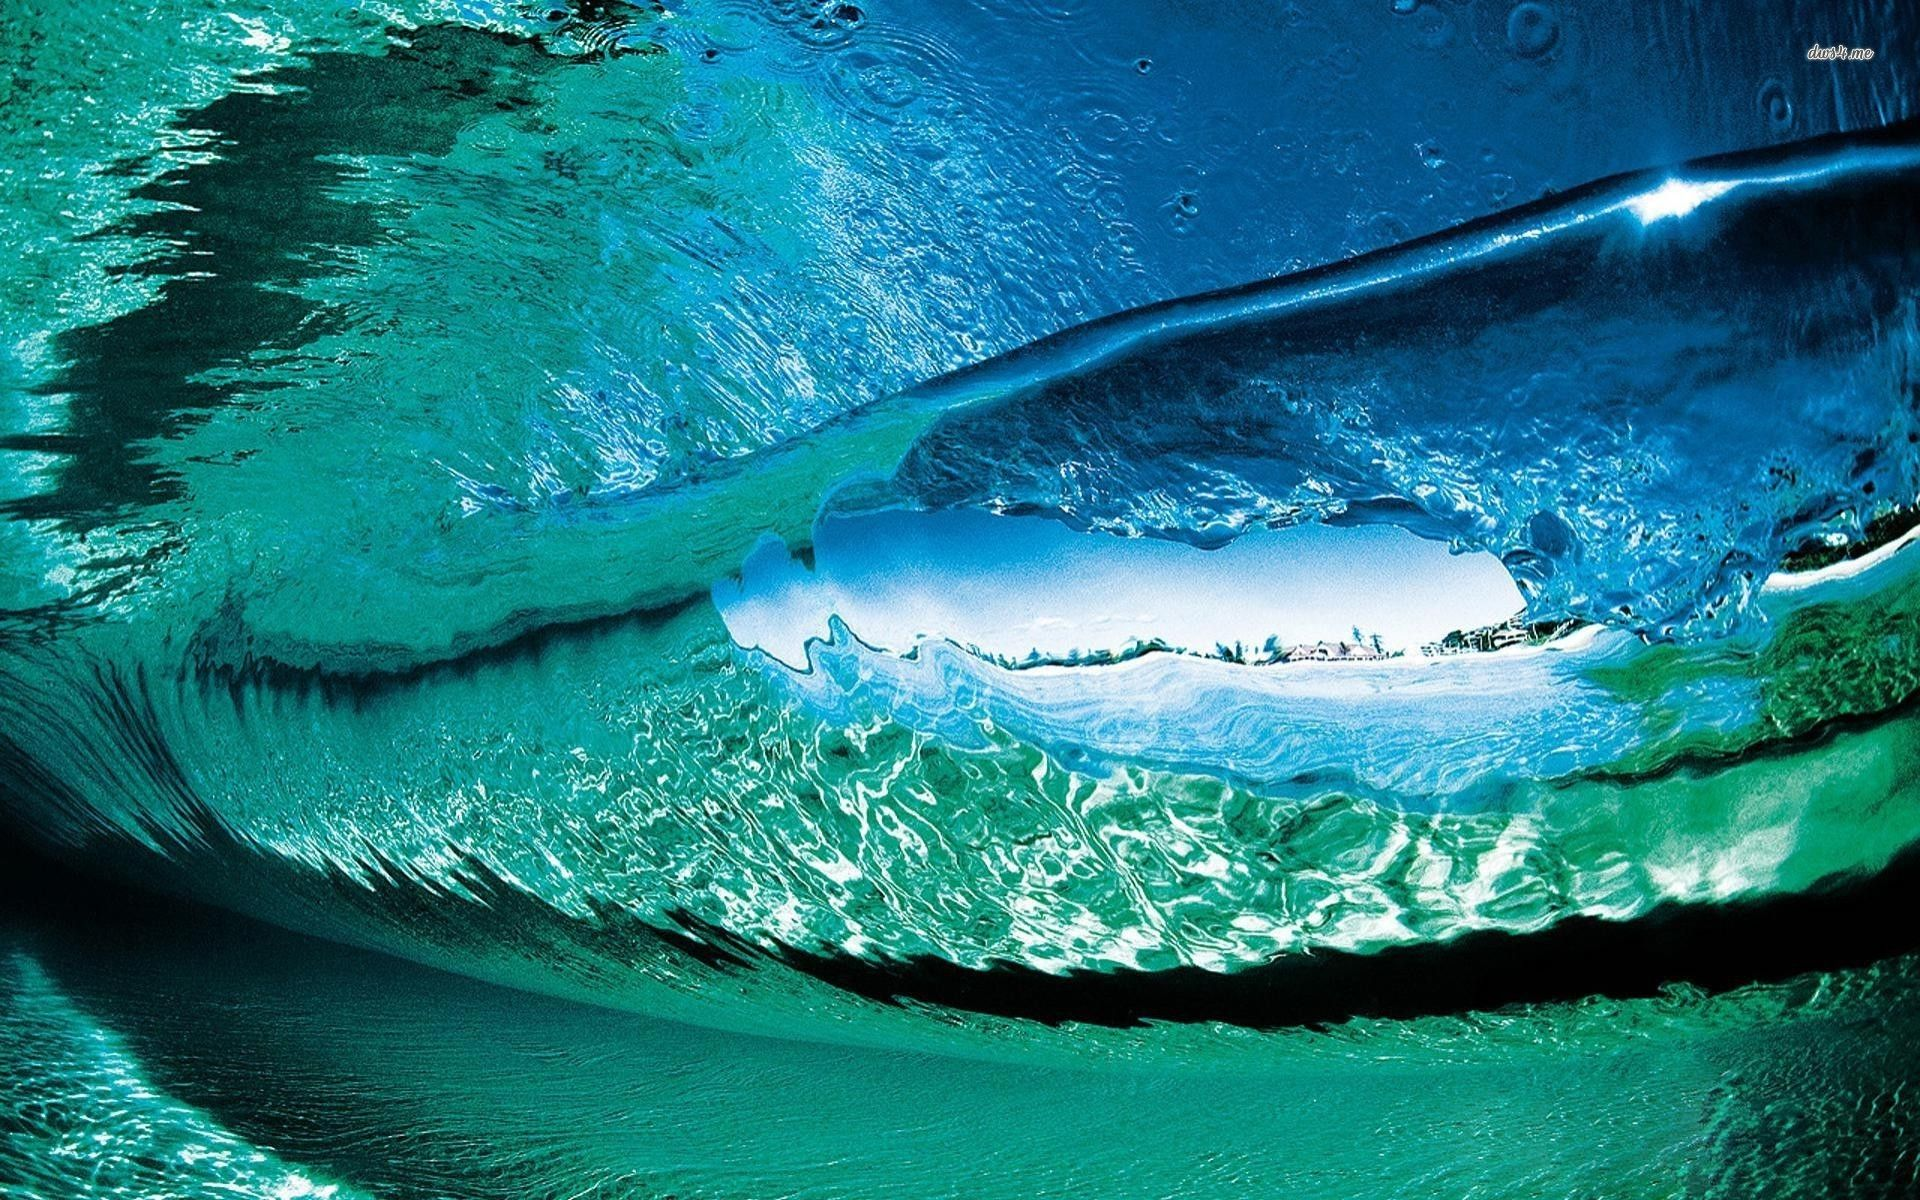 Ocean Waves Wallpaper Full HD cMA